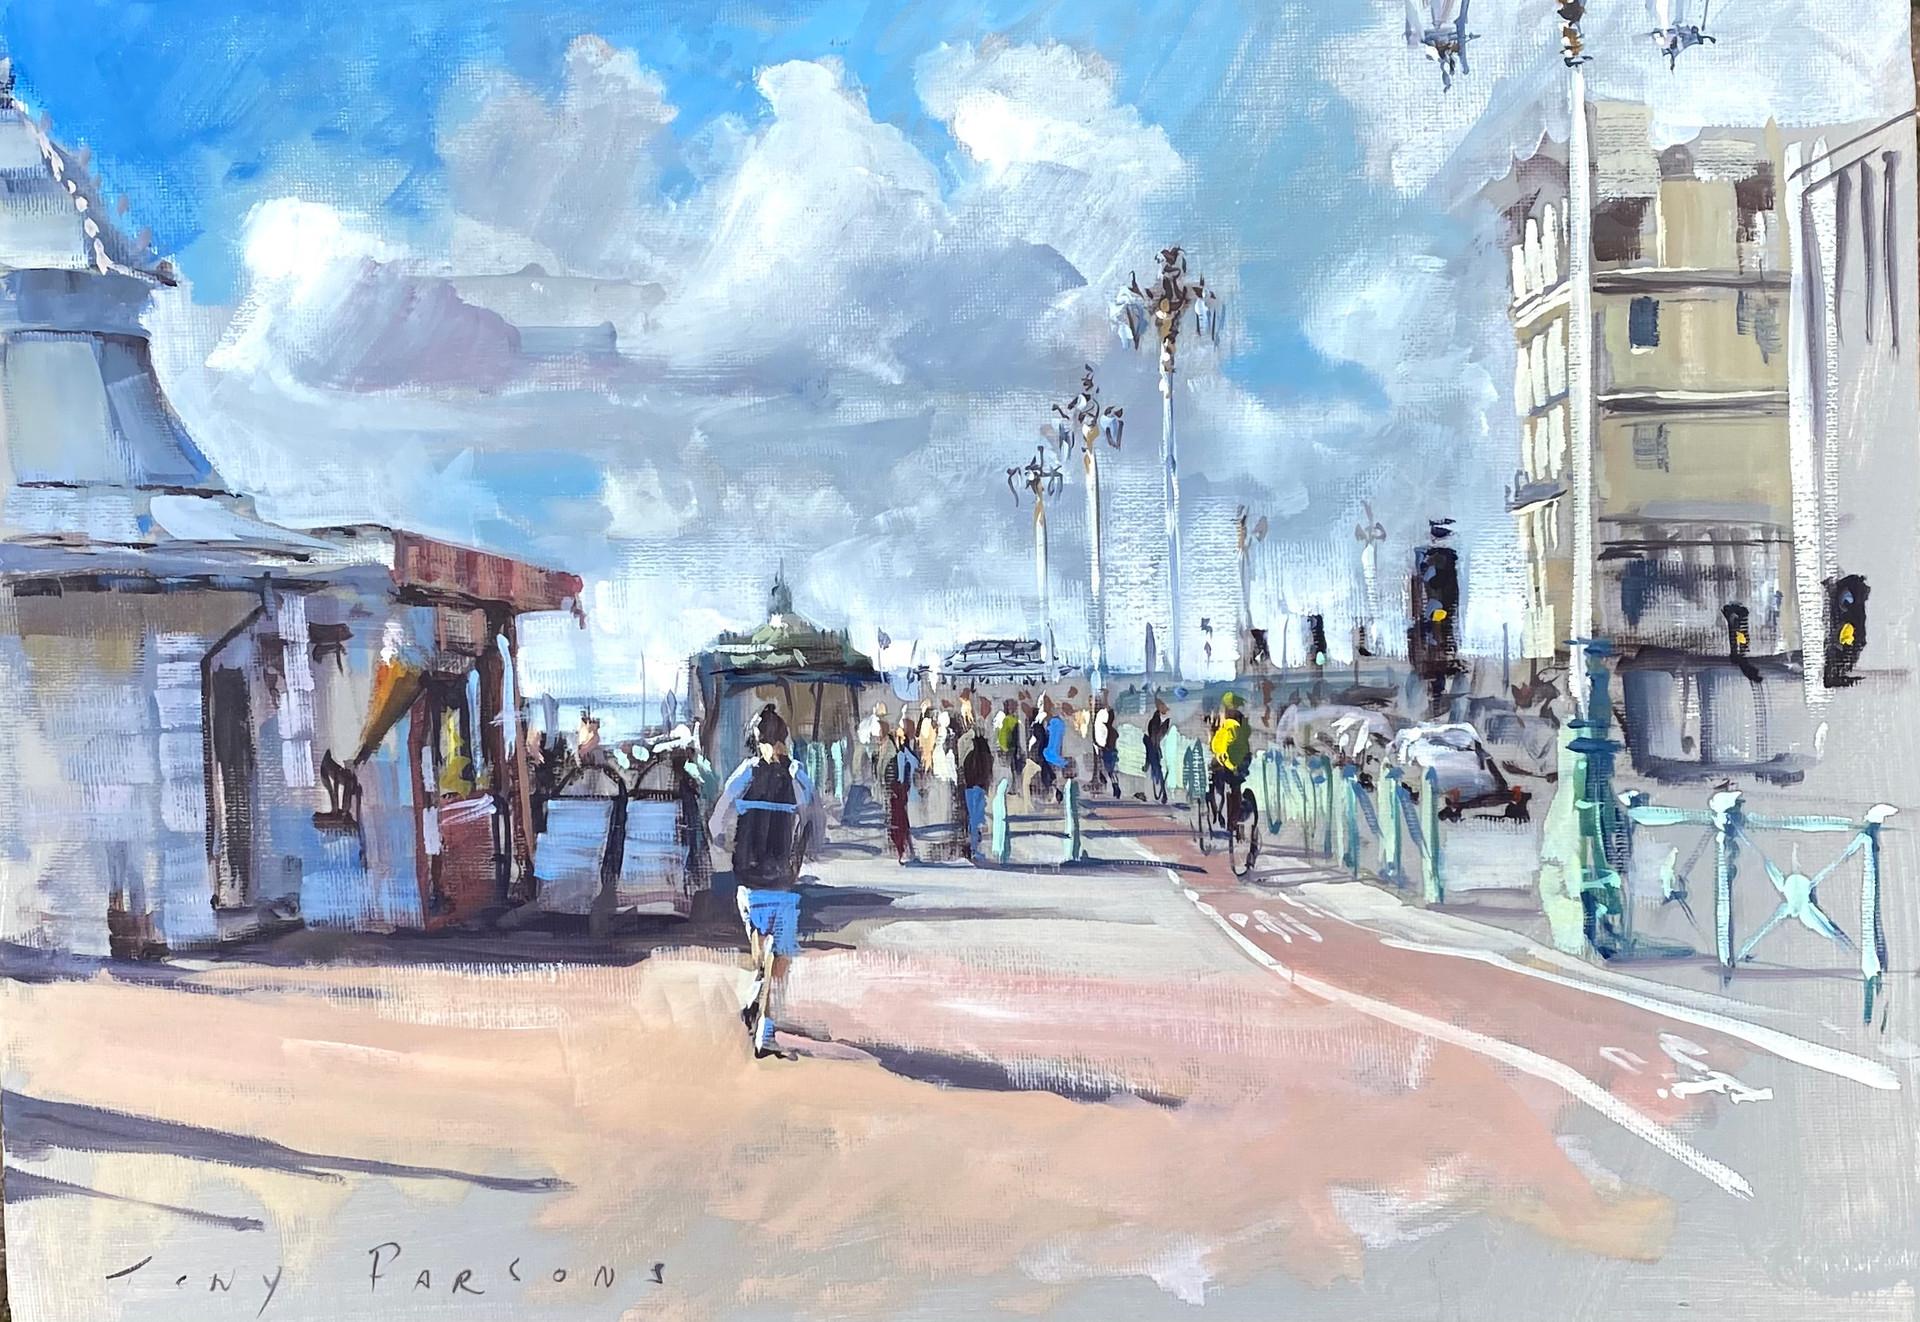 Palace Pier Kiosk